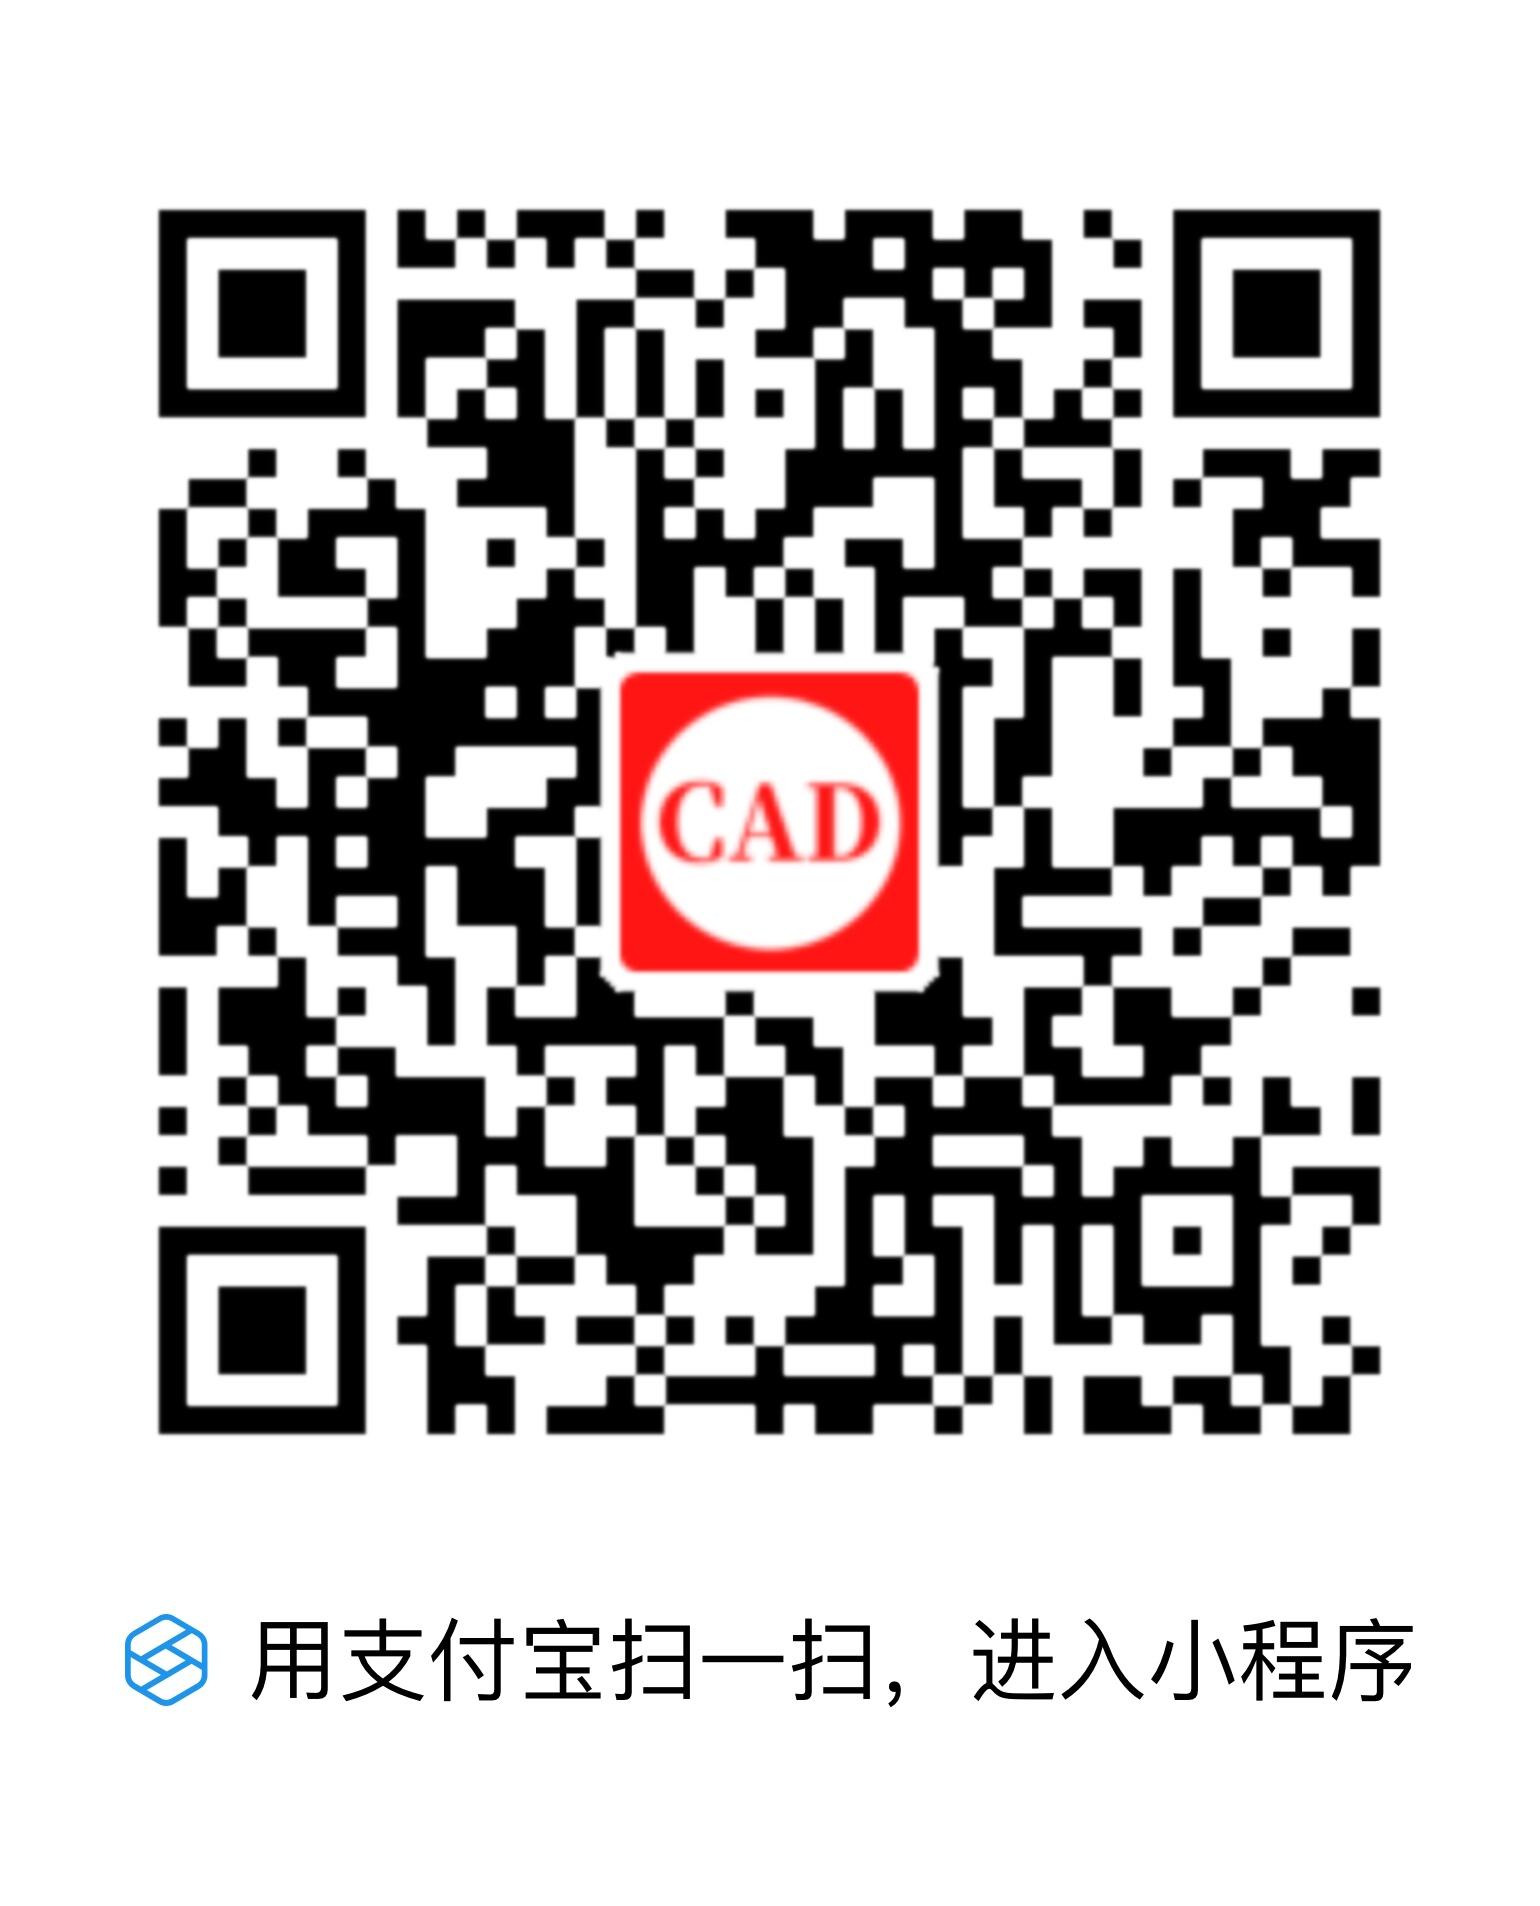 CAD快捷键二维码